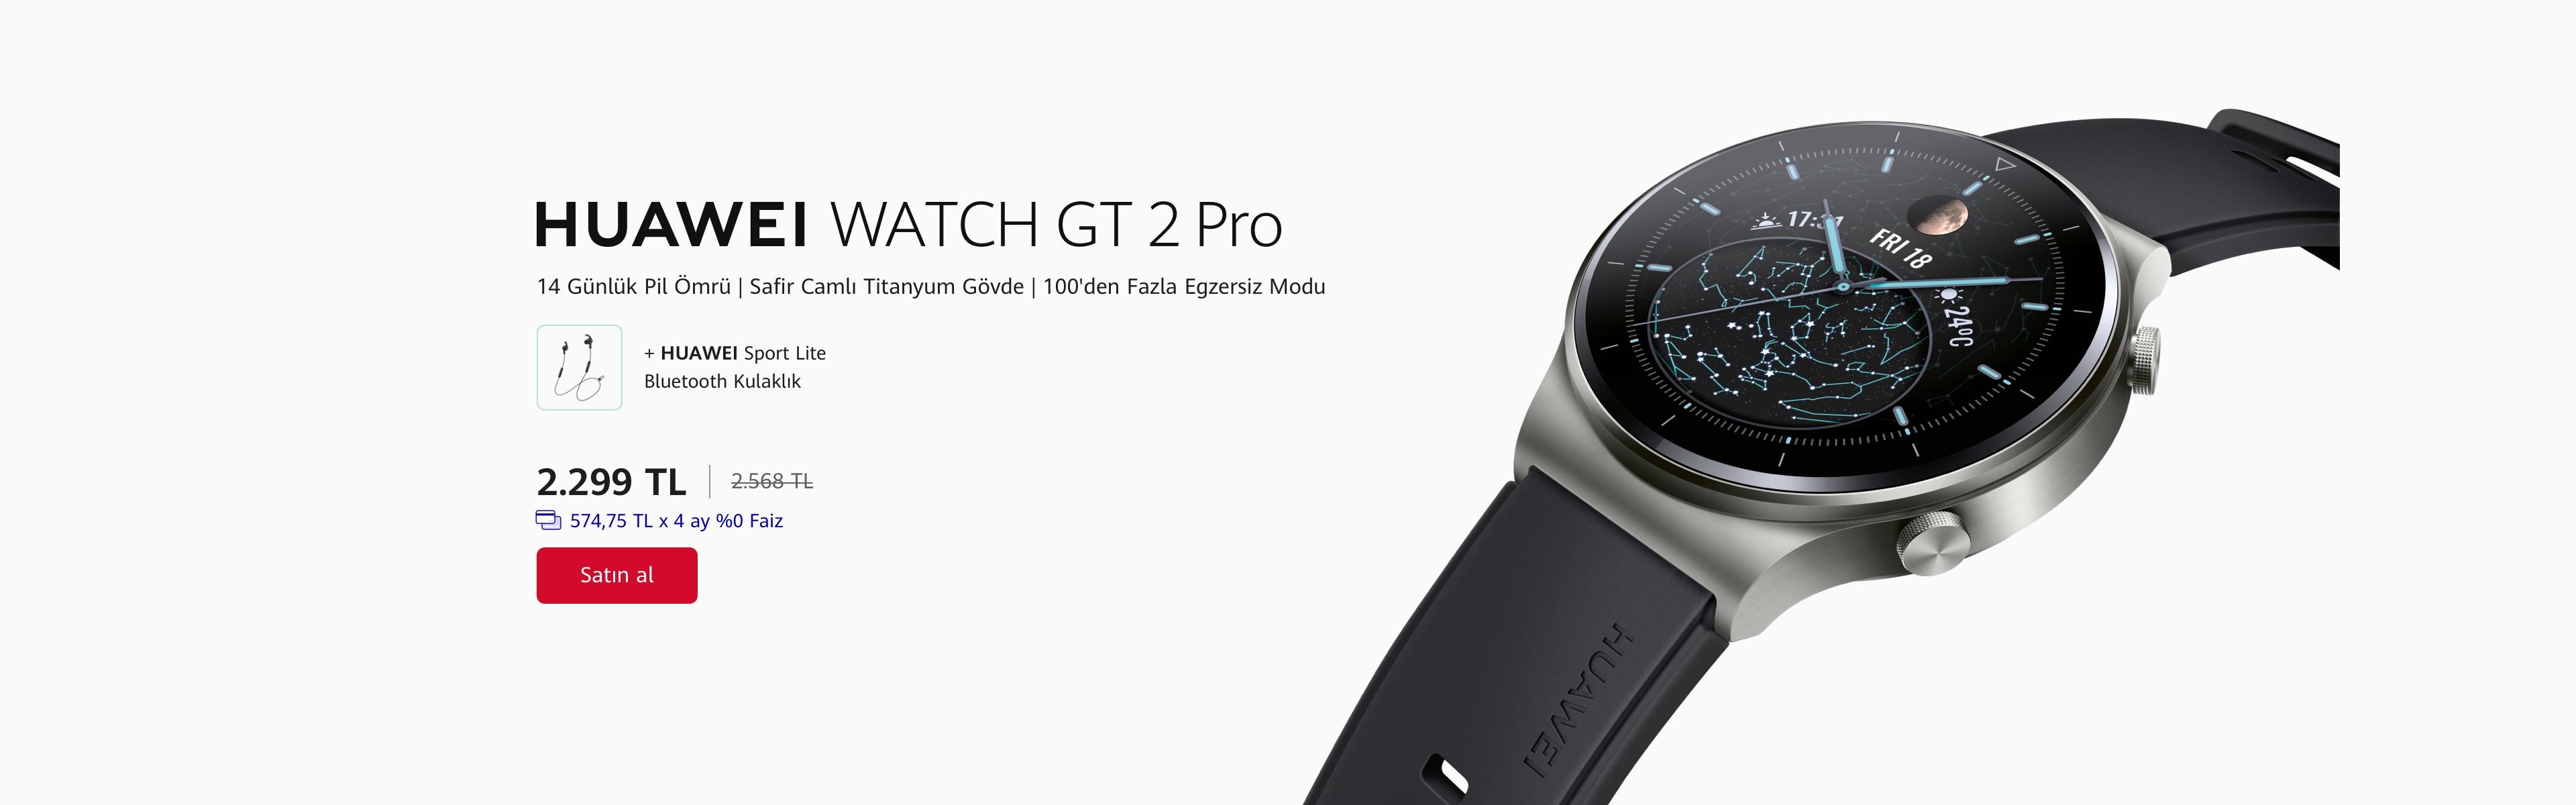 GT2 Pro